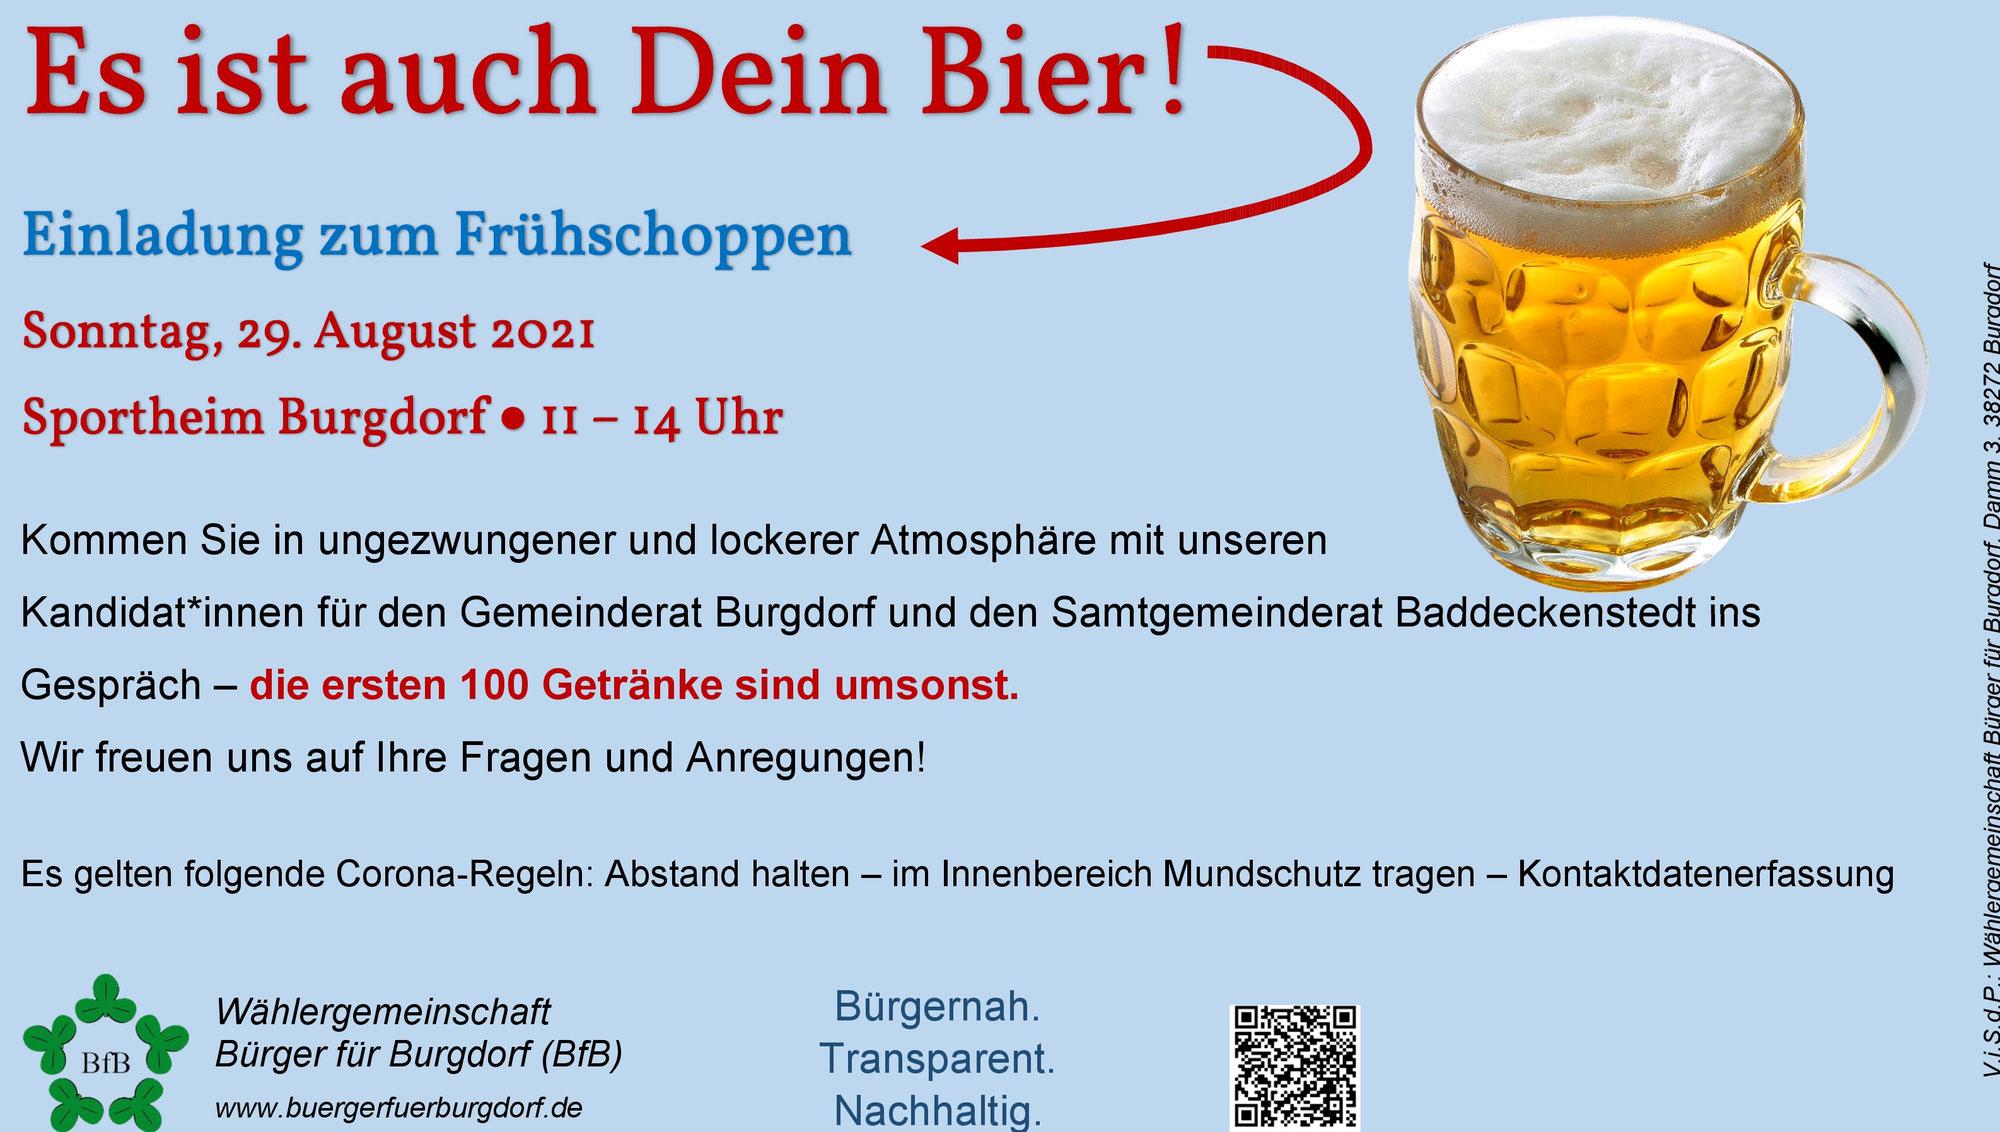 Es ist auch Dein Bier! Einladung zum Frühschoppen am 29.08.